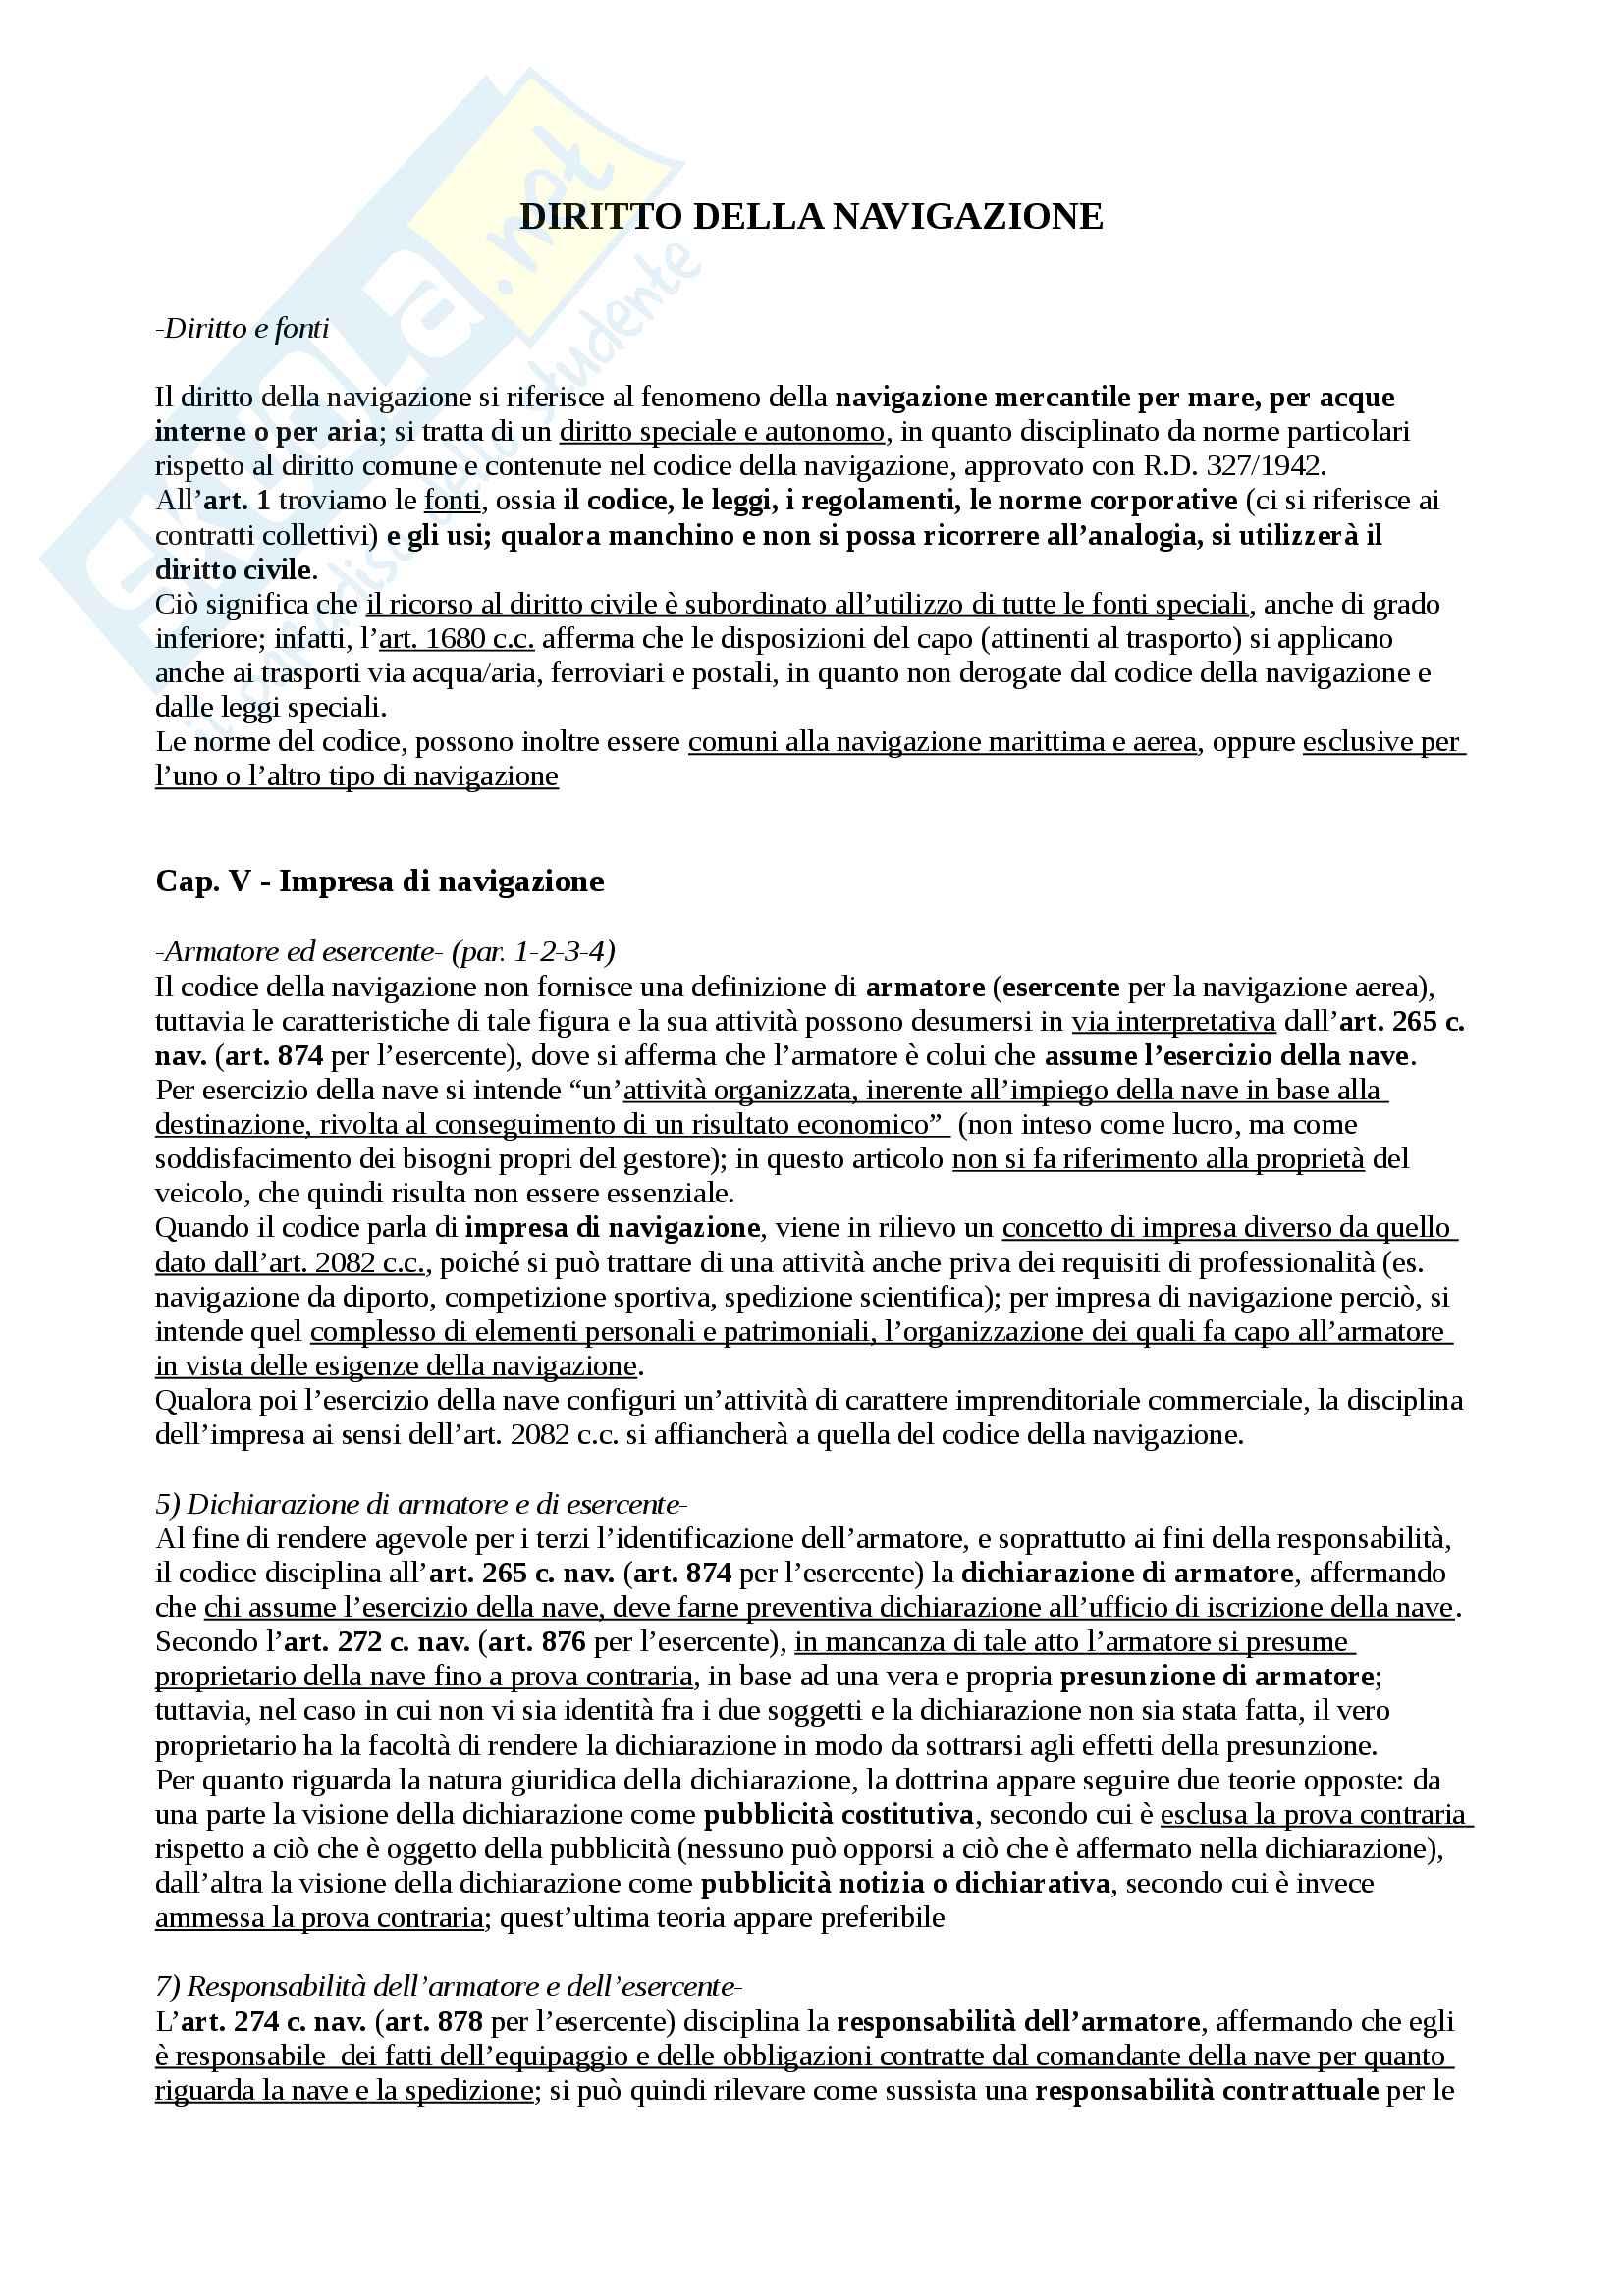 appunto S. Zunarelli Diritto della navigazione